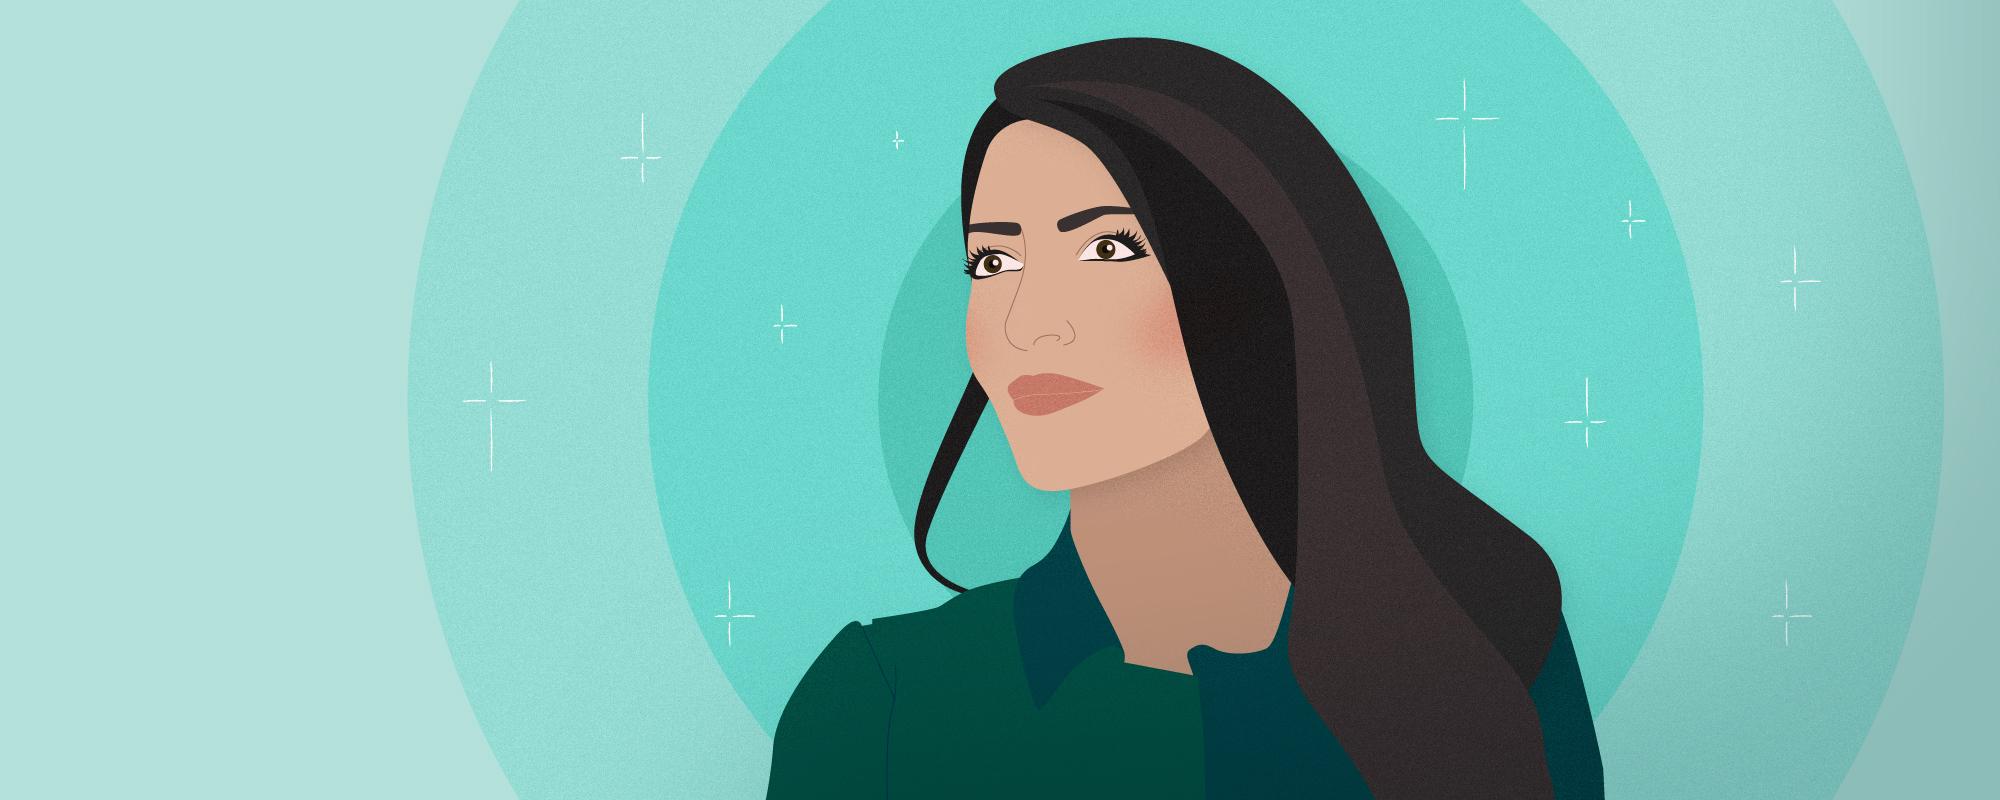 Powerful Women Speakers: Leila Janah